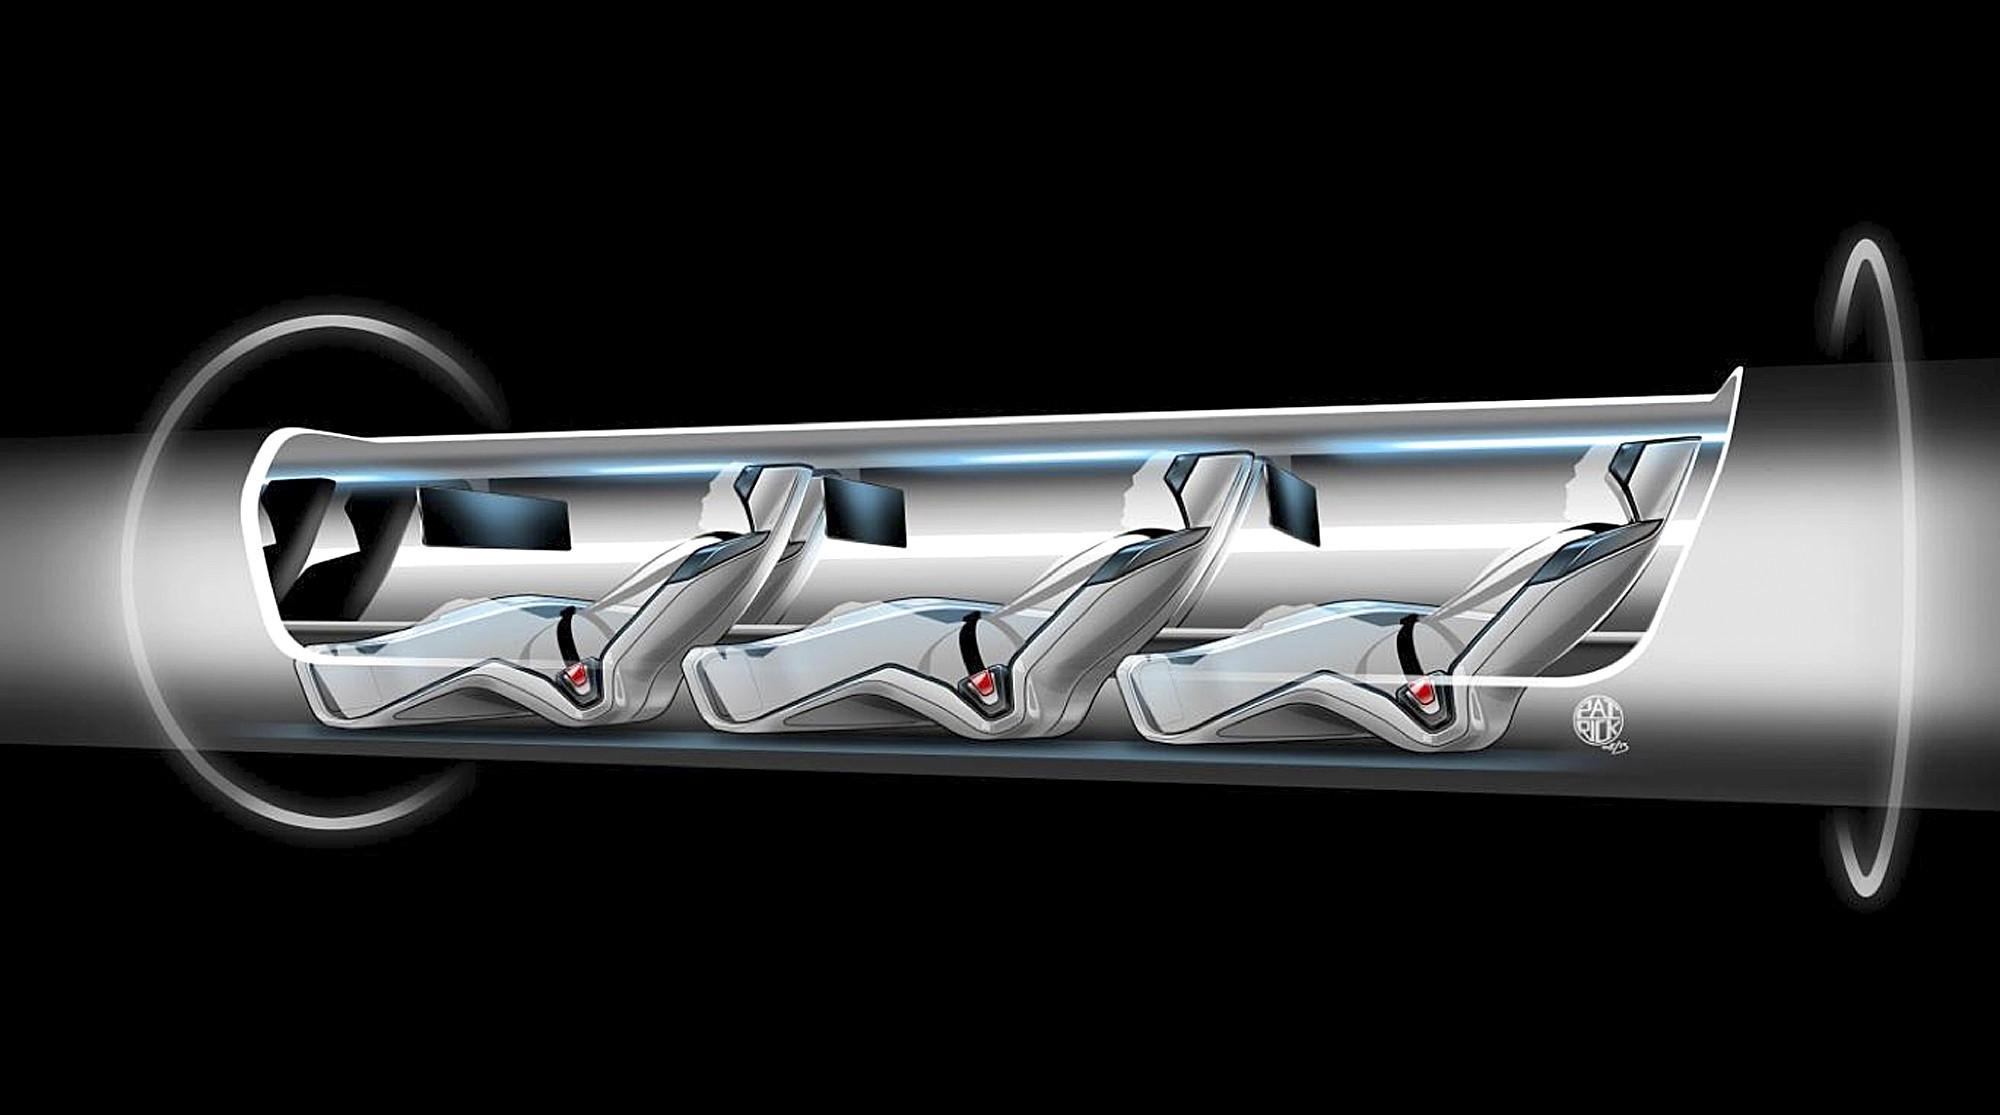 spacex hyperloop -#main